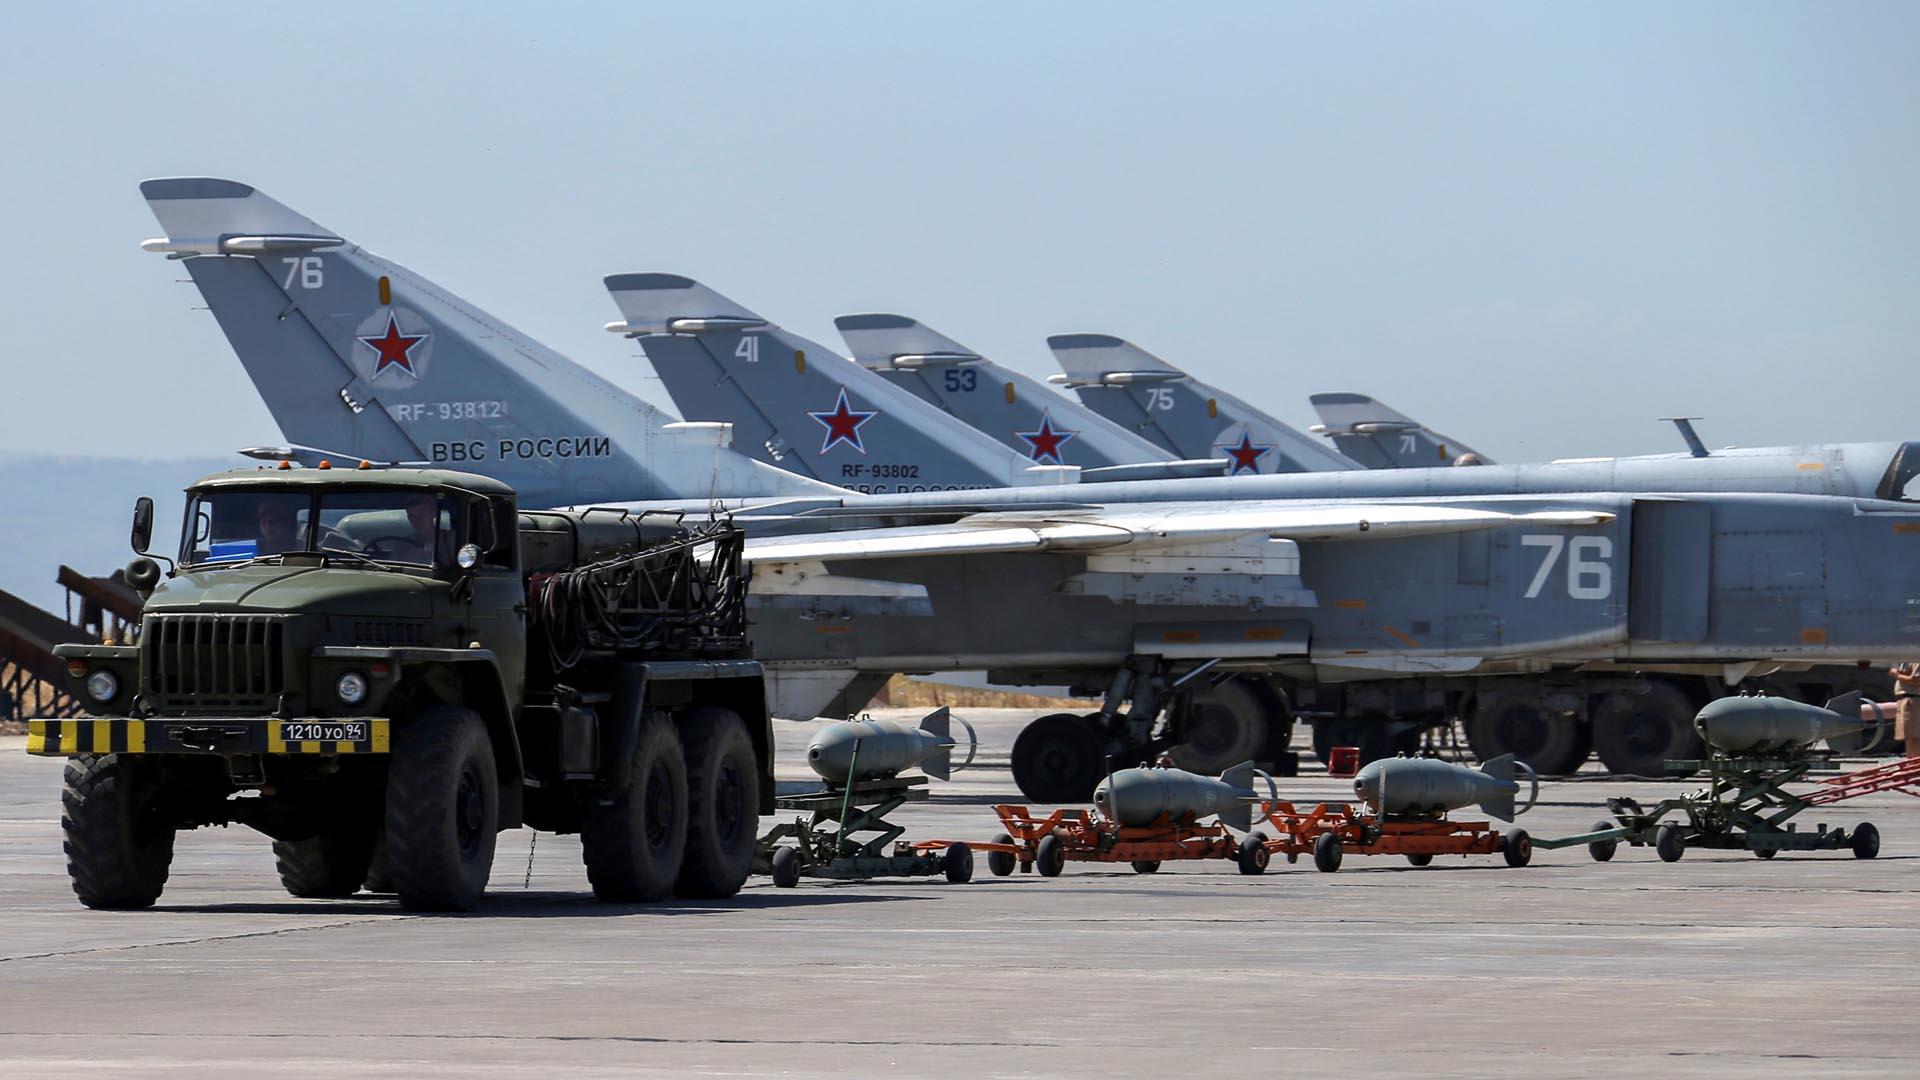 La actividad bélica entre los rebeldes al gobierno y las fuerzas armadas se han reavivado en los últimos meses